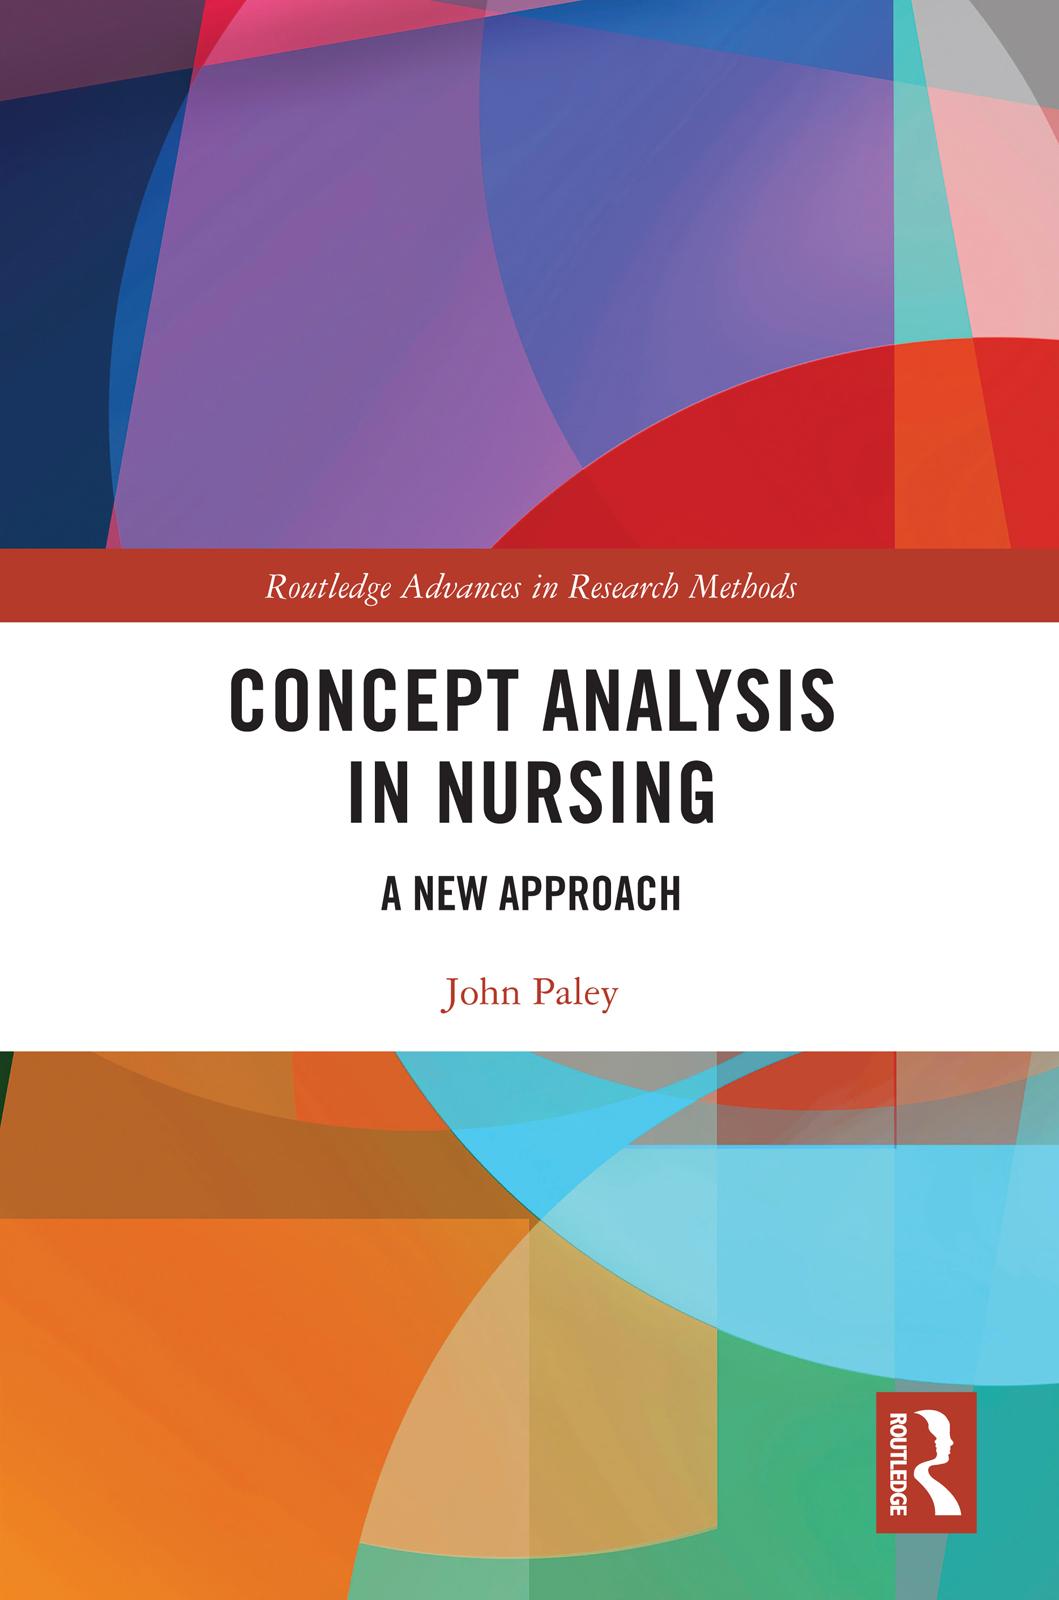 Concept Analysis in Nursing